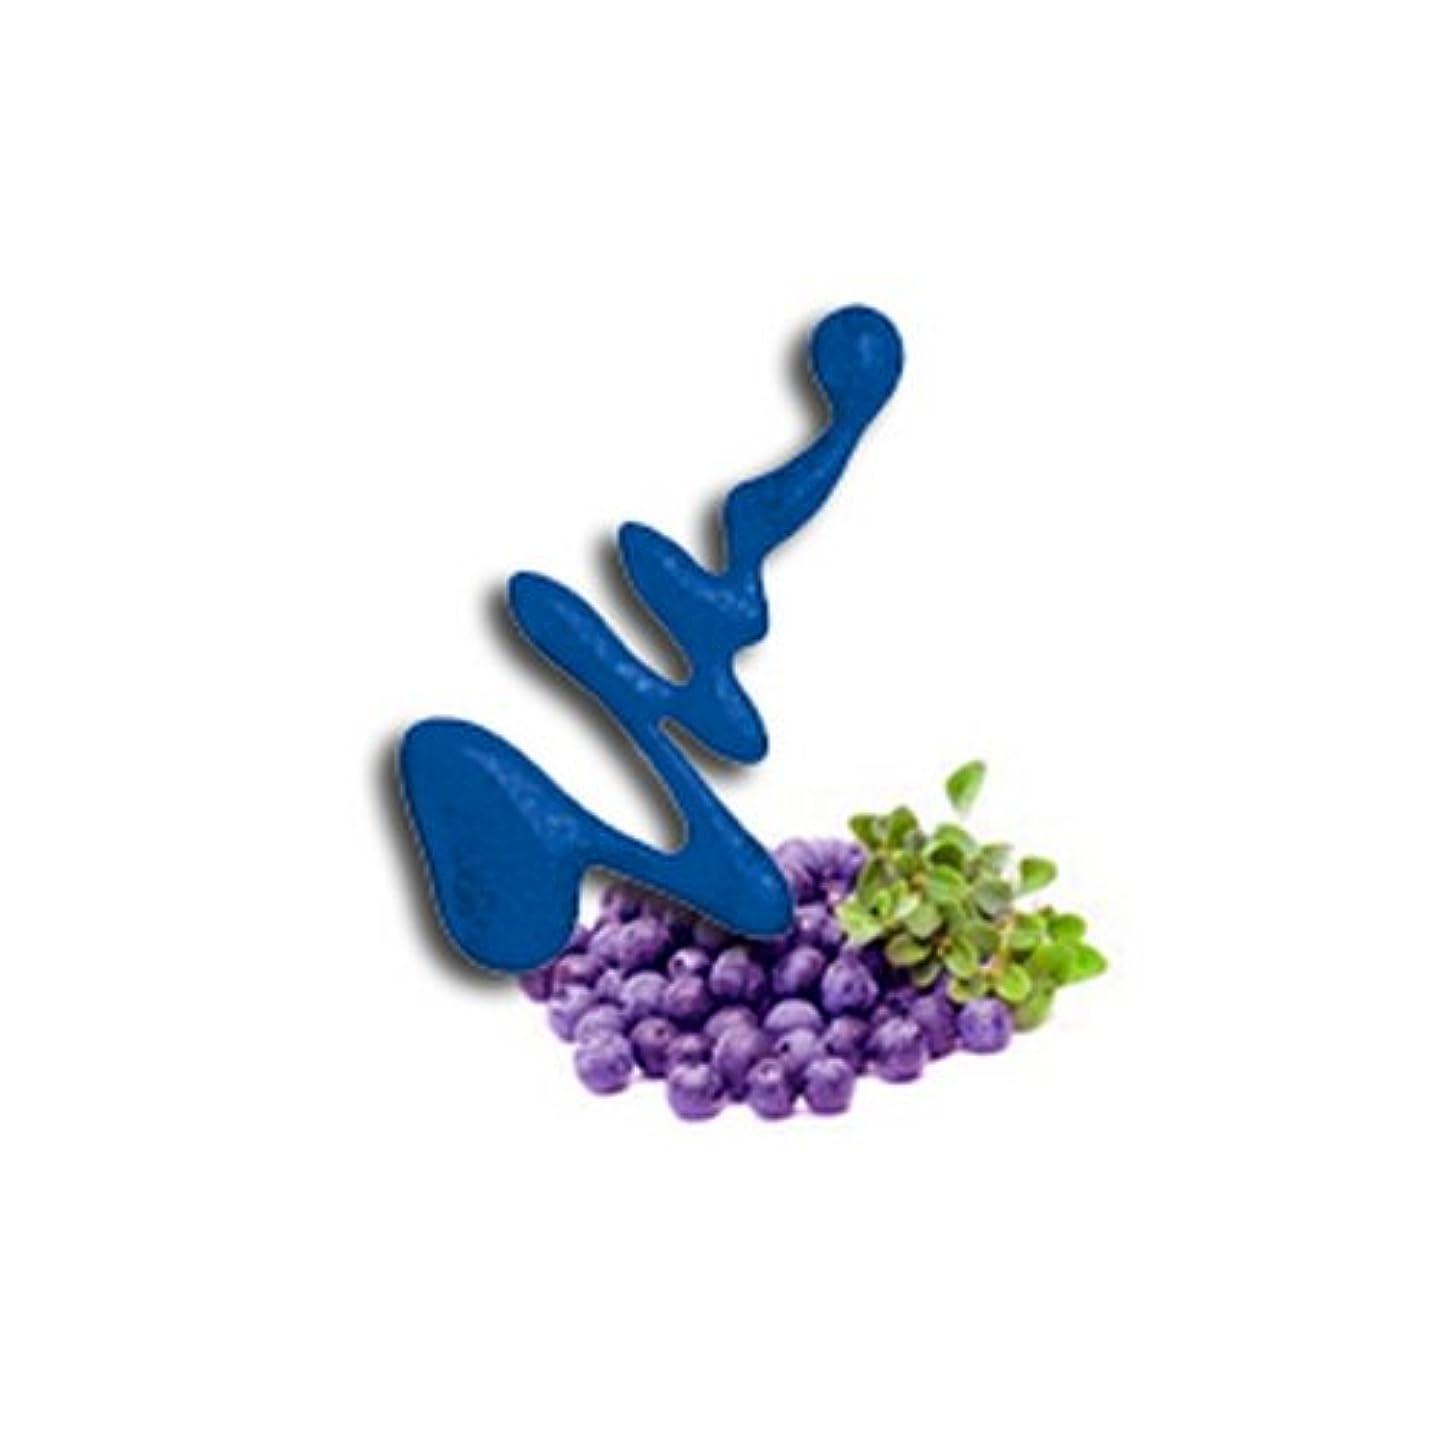 先見の明冷凍庫手配するLA GIRL Fruity Scented Nail Polish - Blueberry Fizz (並行輸入品)